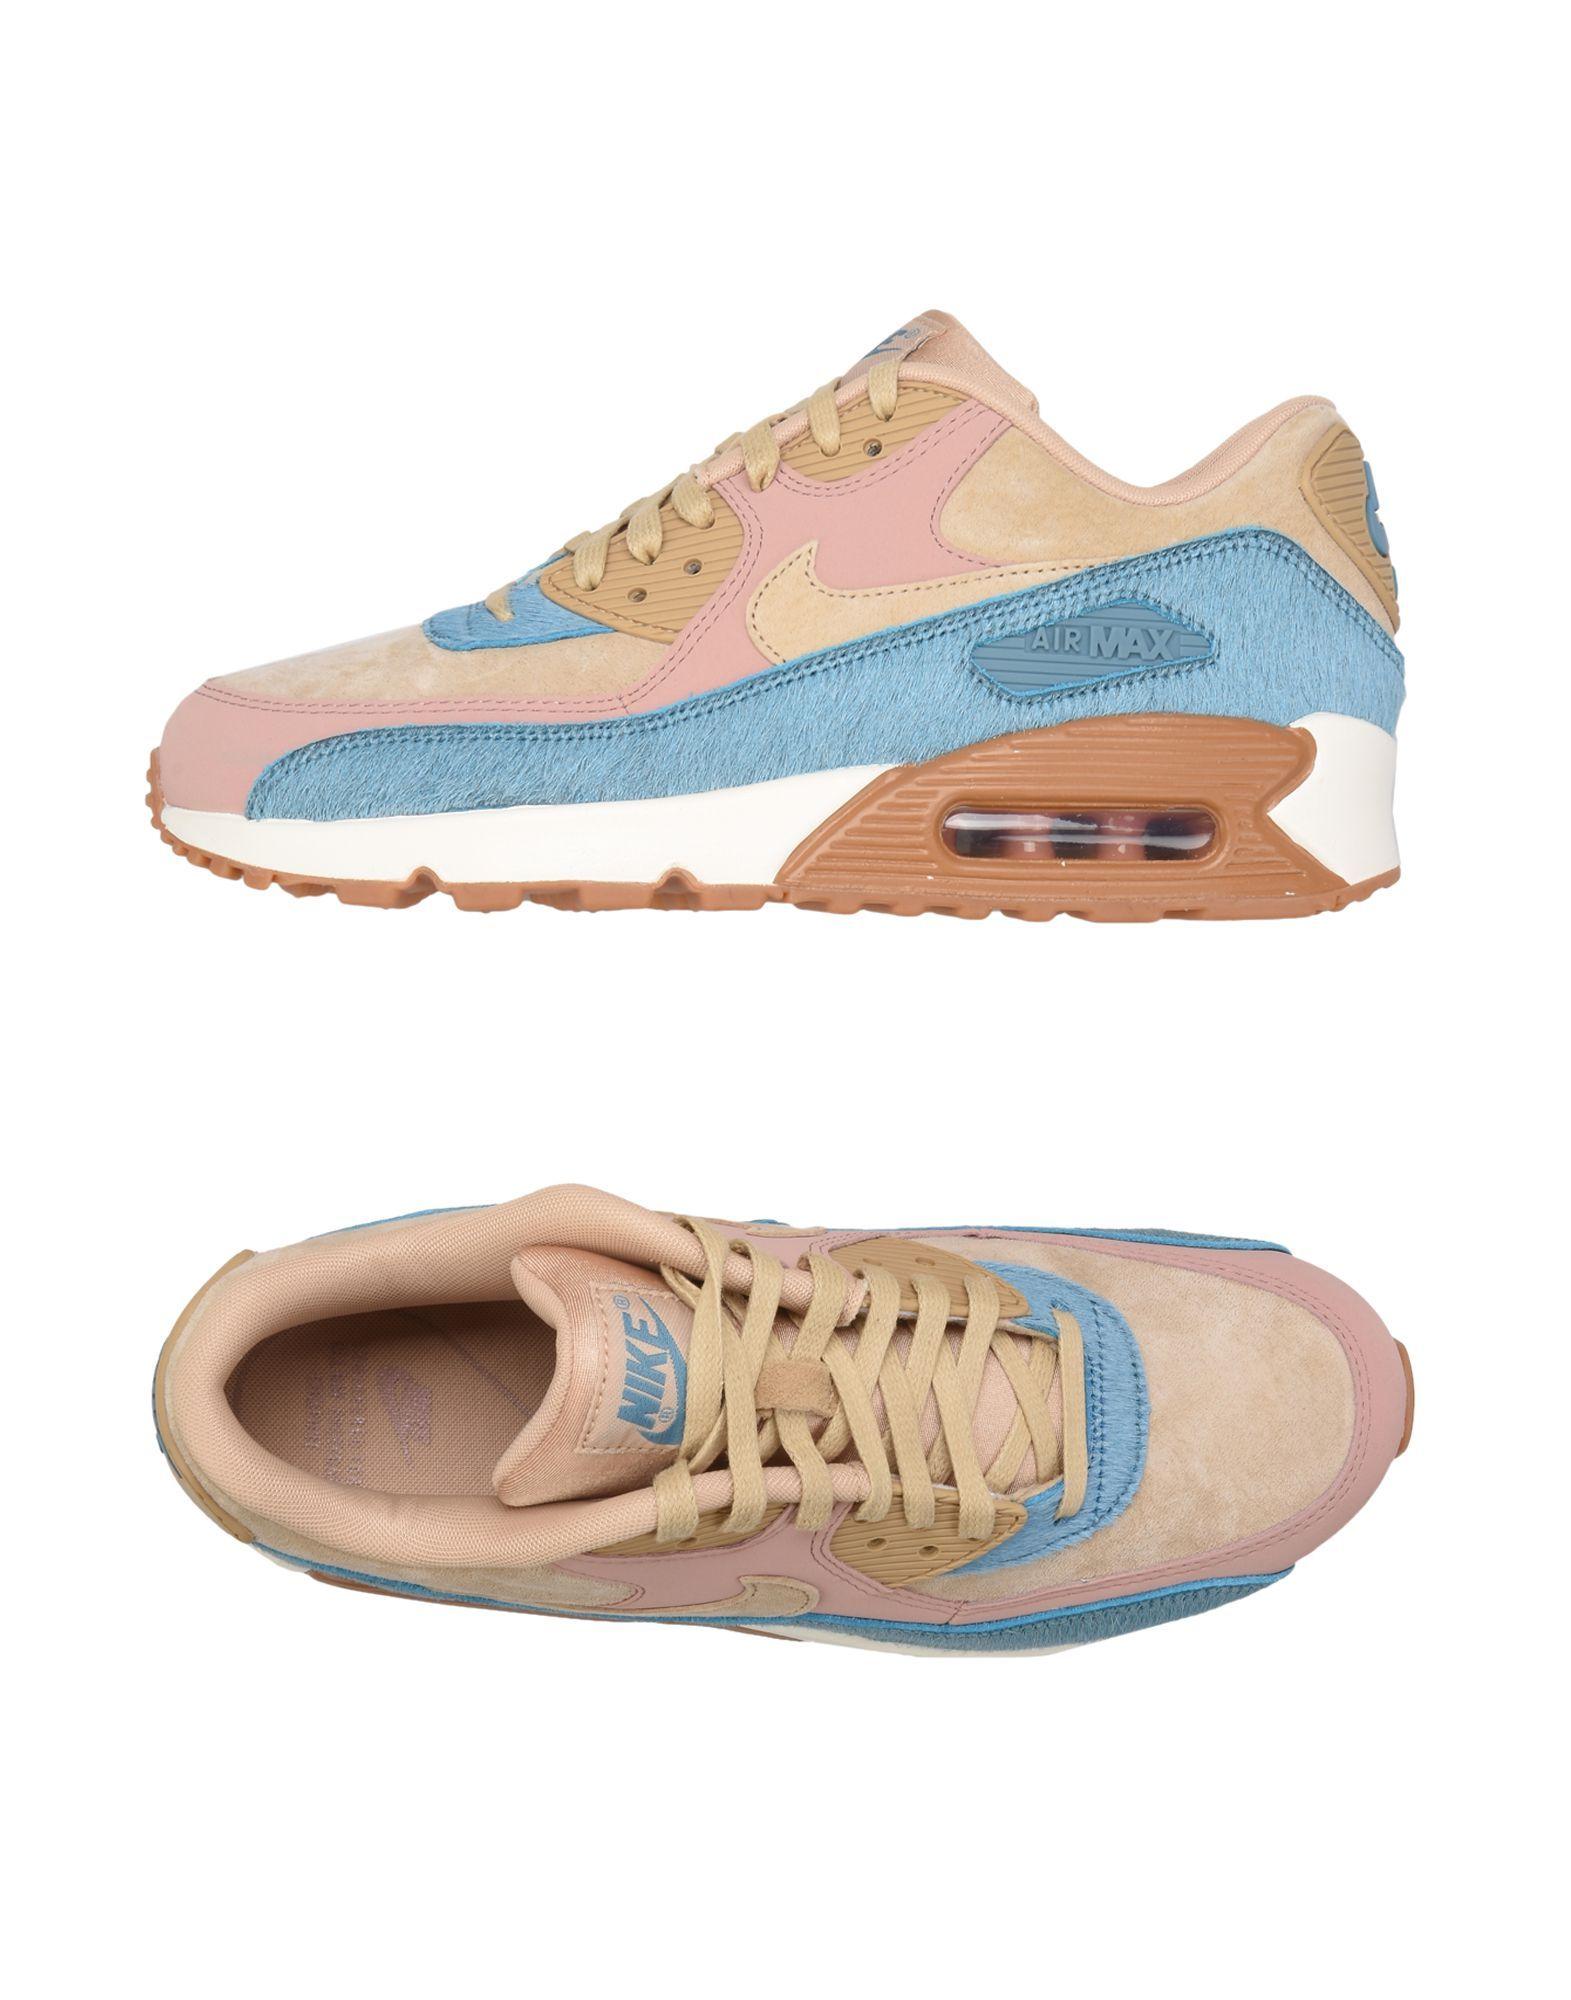 Nike Air Max 90 Lux Sneakers Women Nike Sneakers online